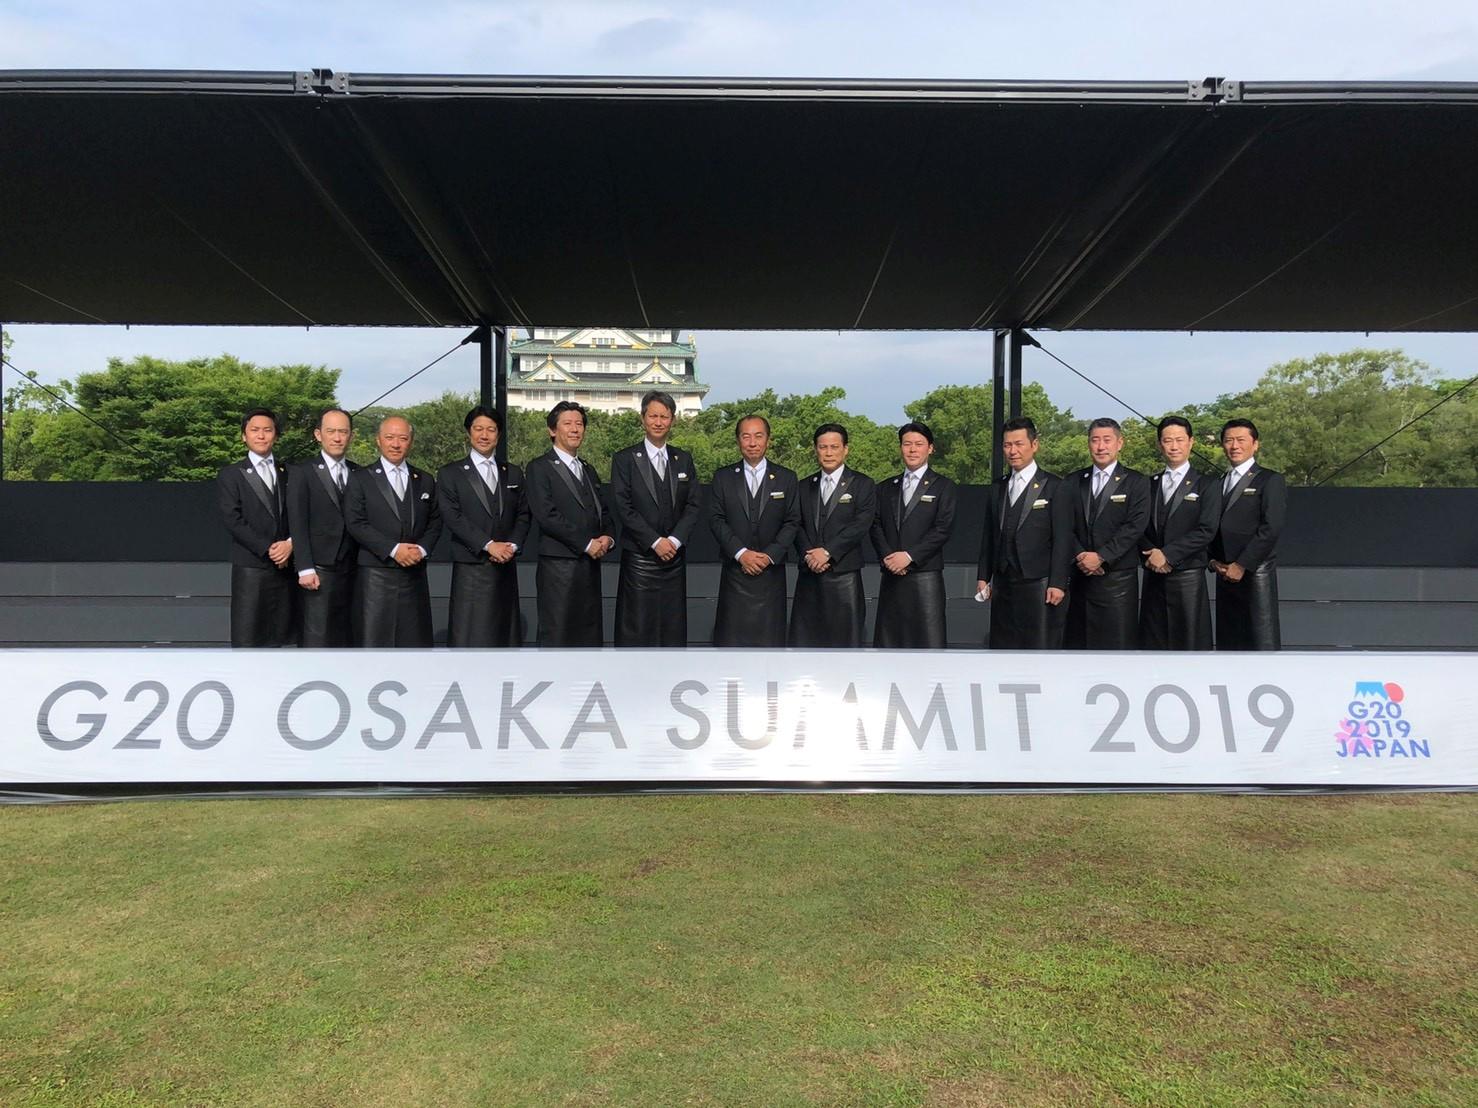 G20に参加してきました!